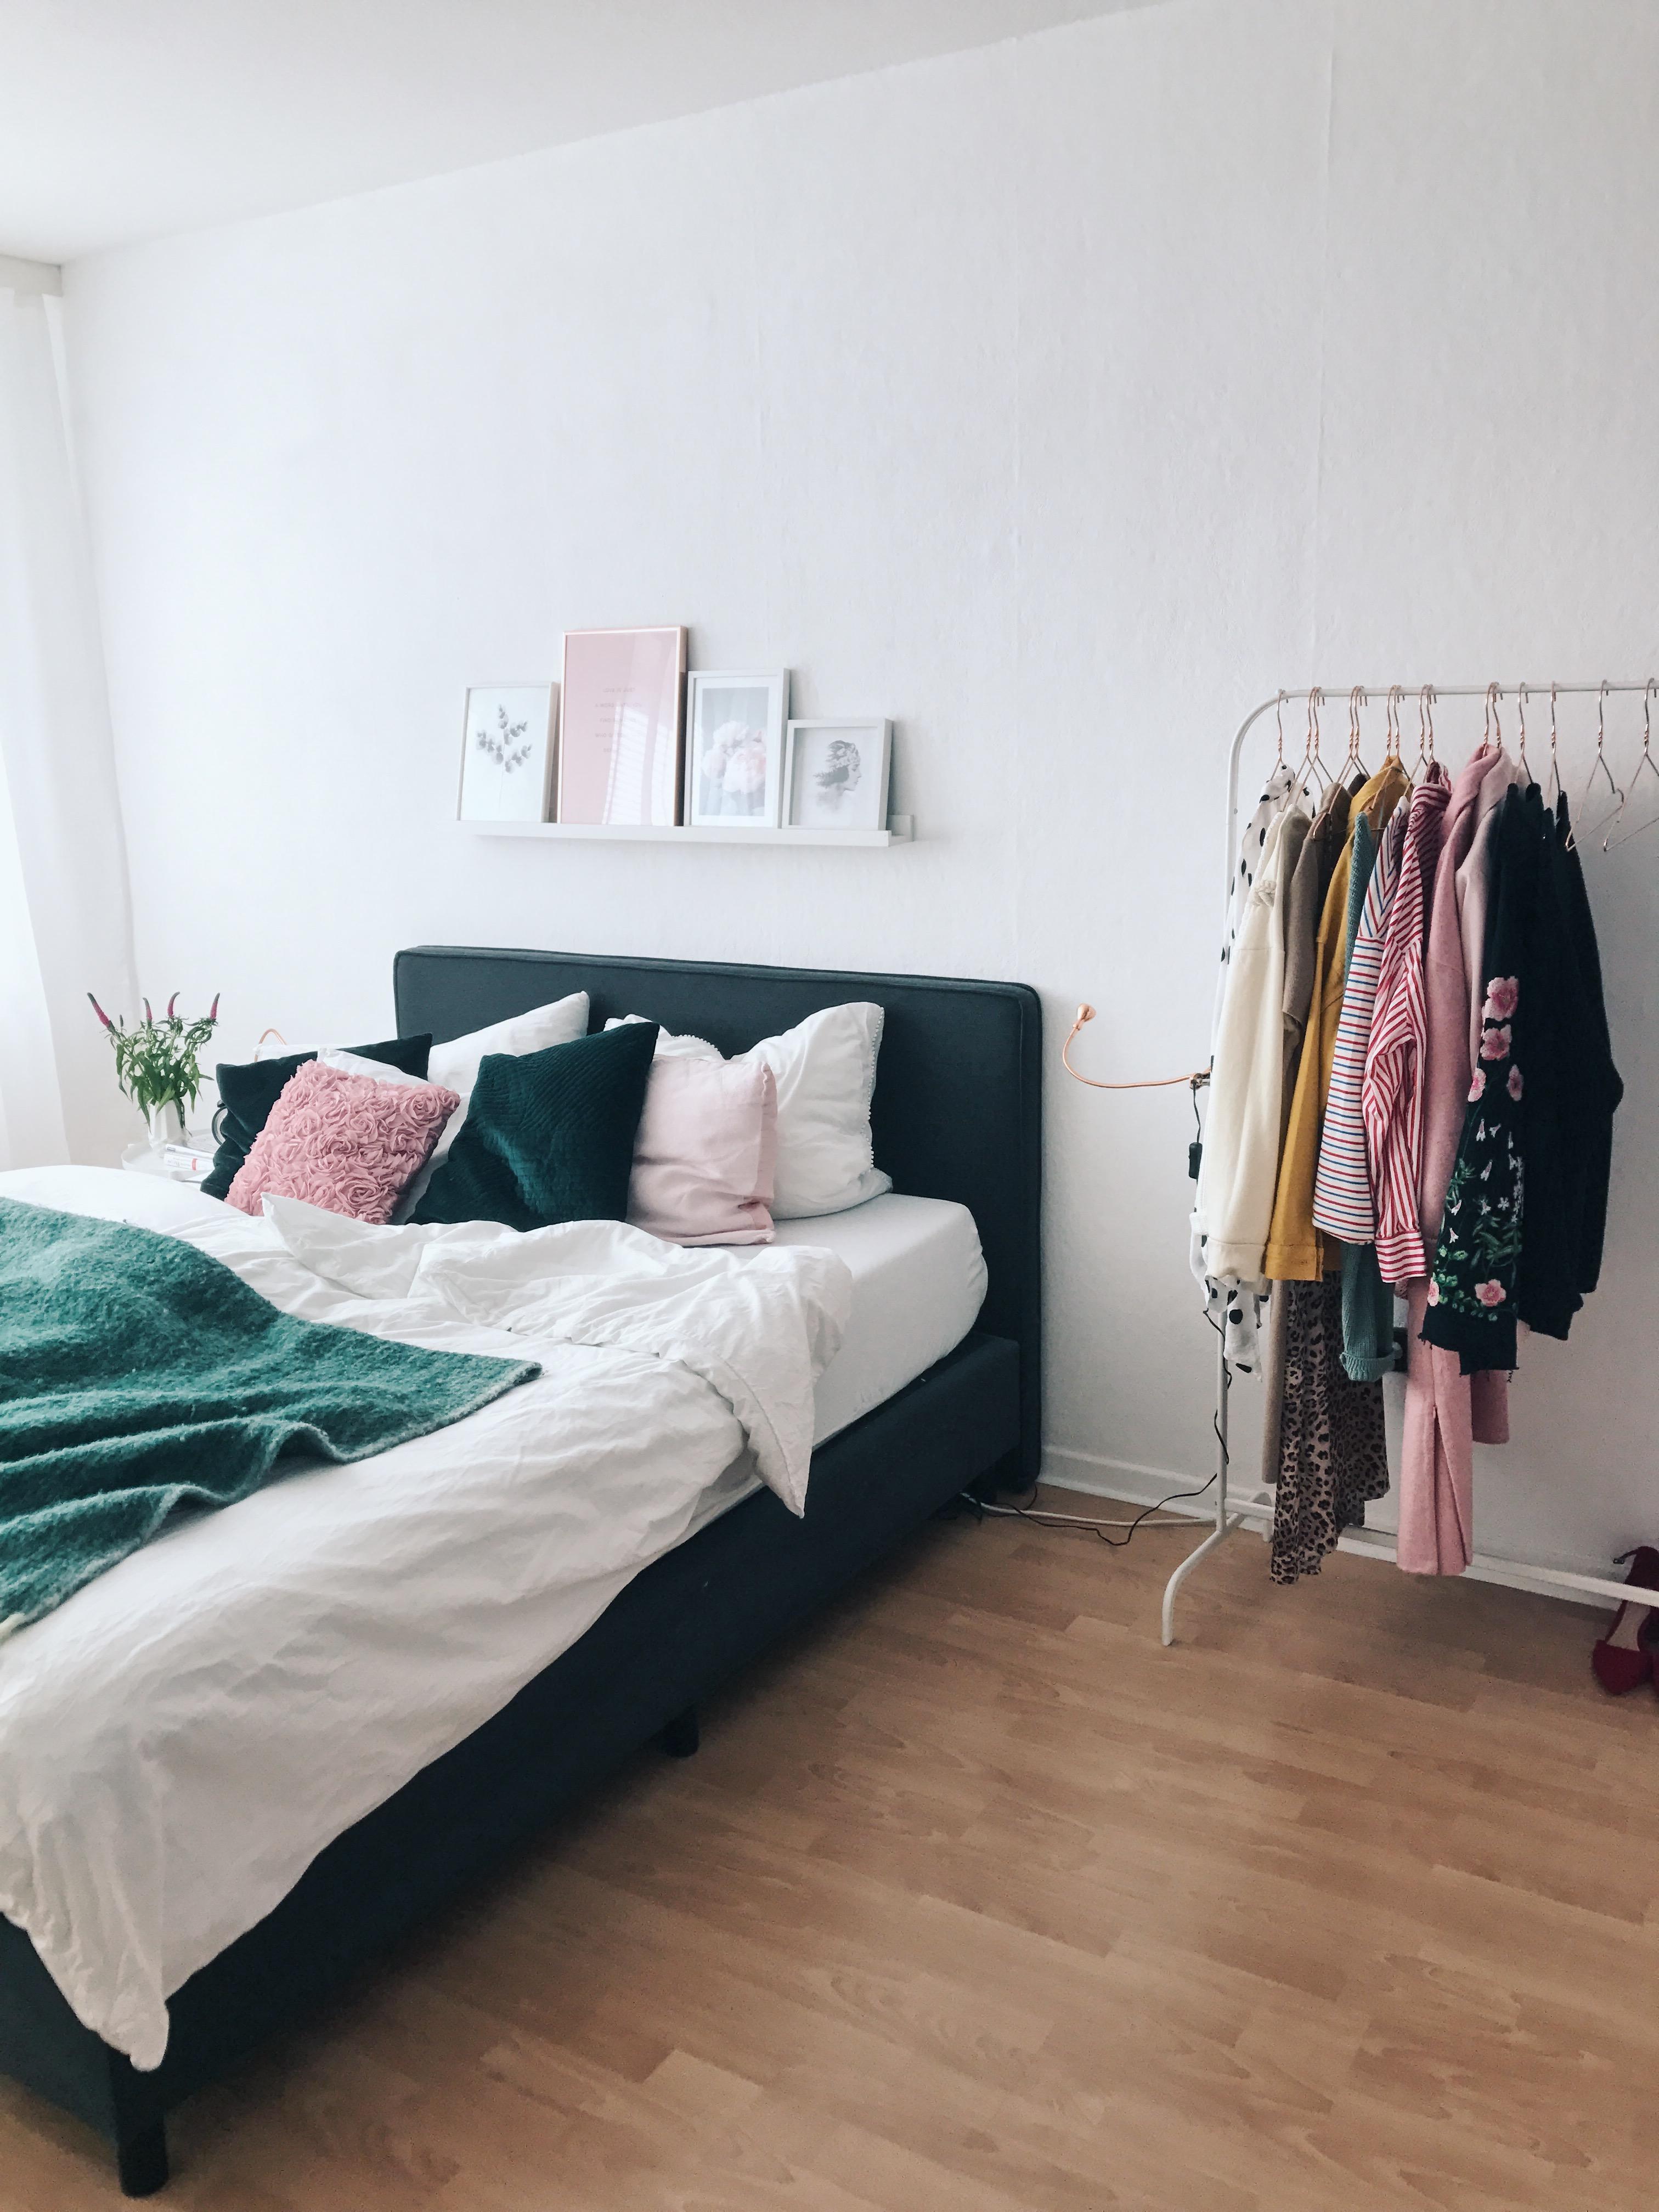 Kleiderständer Schlafzimmer kleiderstange statt kleiderschrank: so funktioniert's!